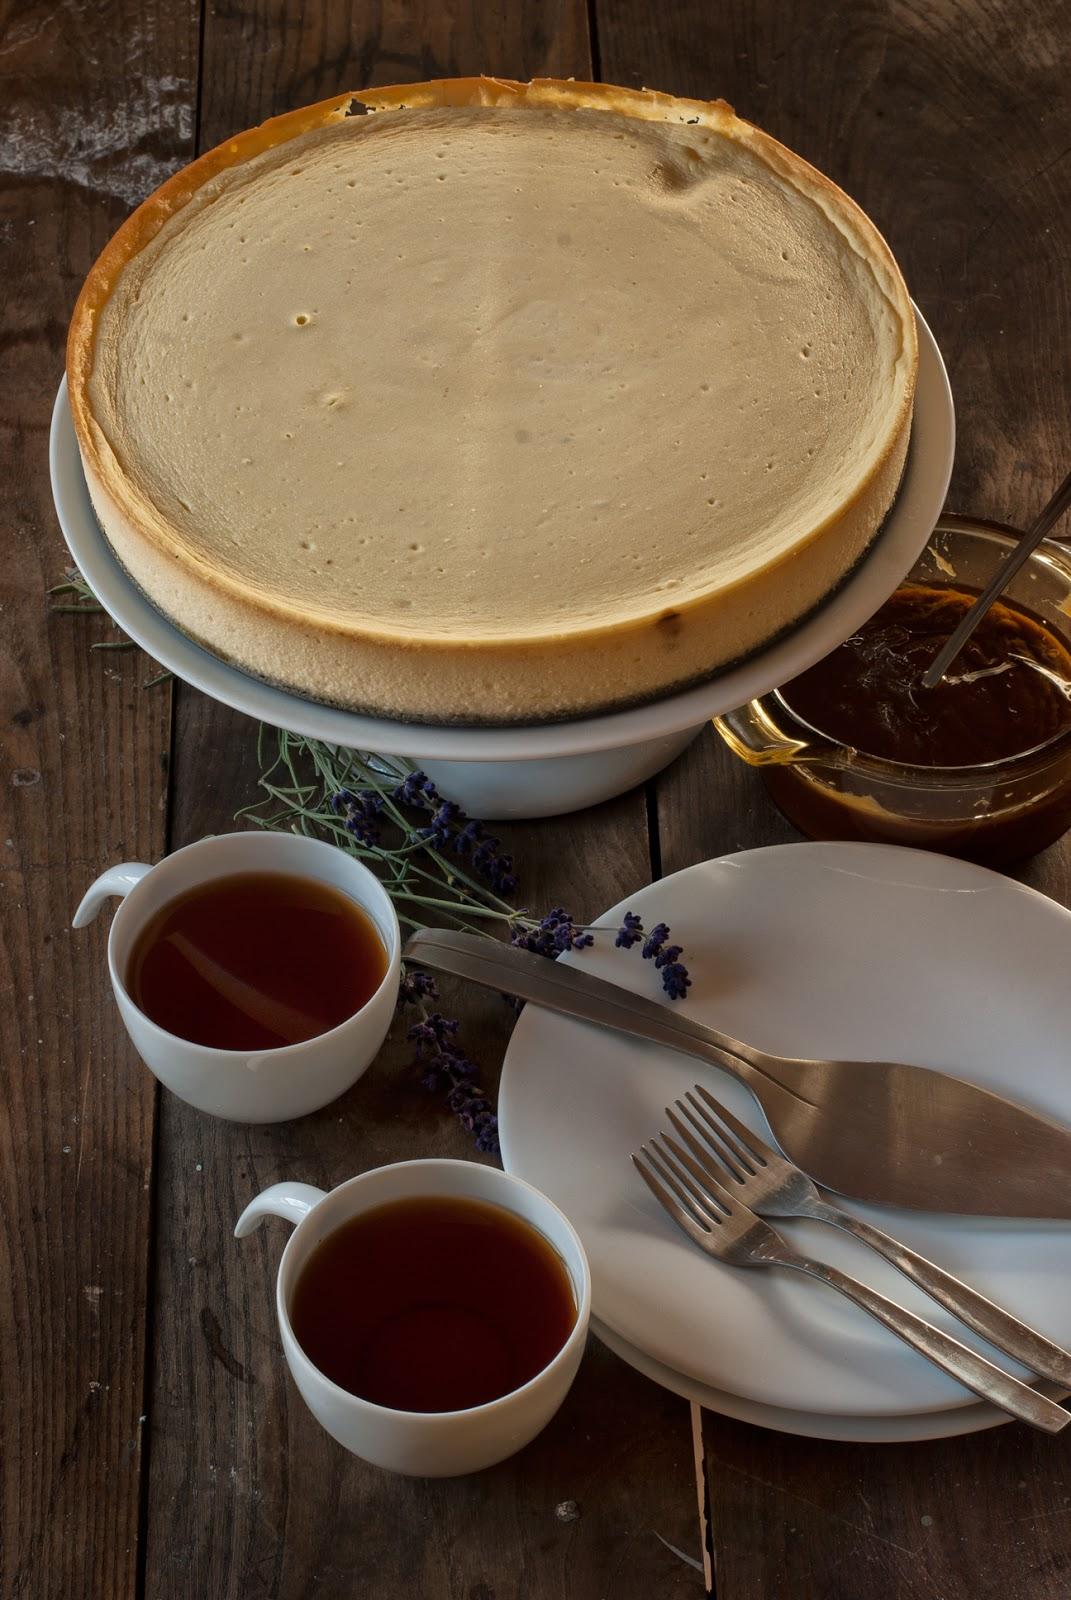 Pieczony sernik z jogurtu greckiego